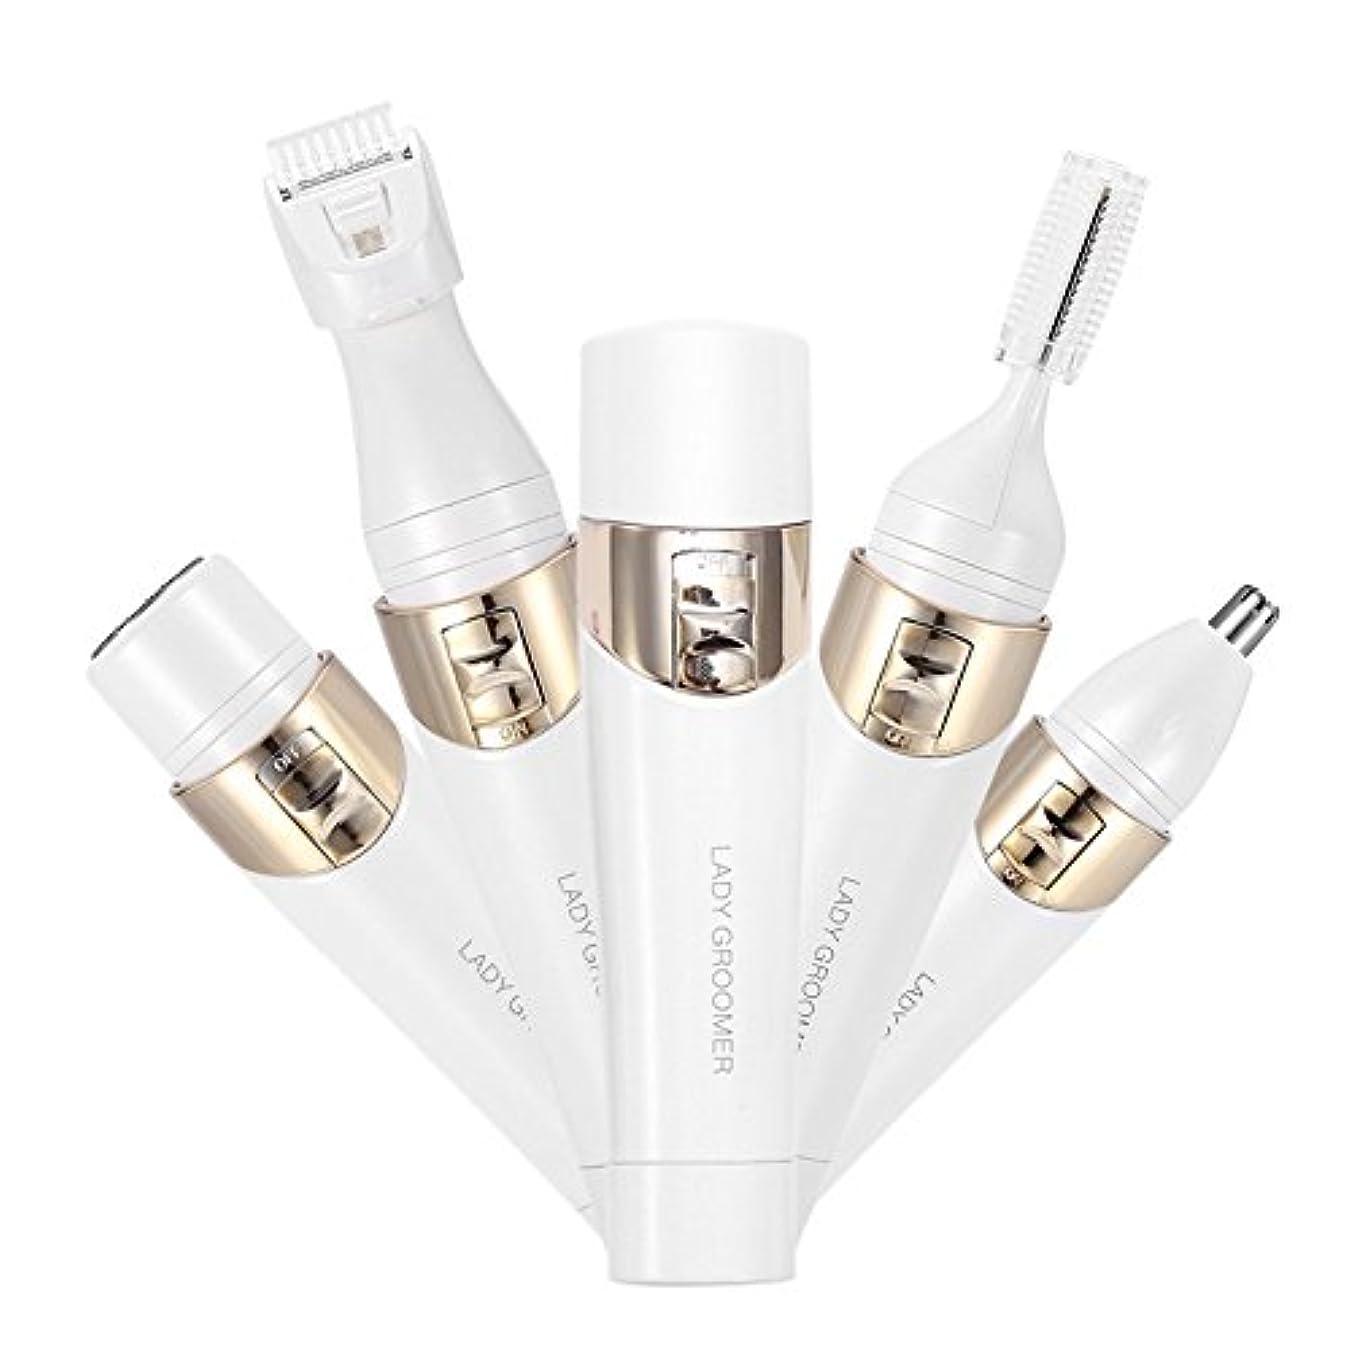 シングル三番一元化する4 in 1多機能電気脱毛器、プロの痛みのないヘアシェーバー、防水ボディシェーバー鼻ビキニトリマー顔の毛の除去ツール